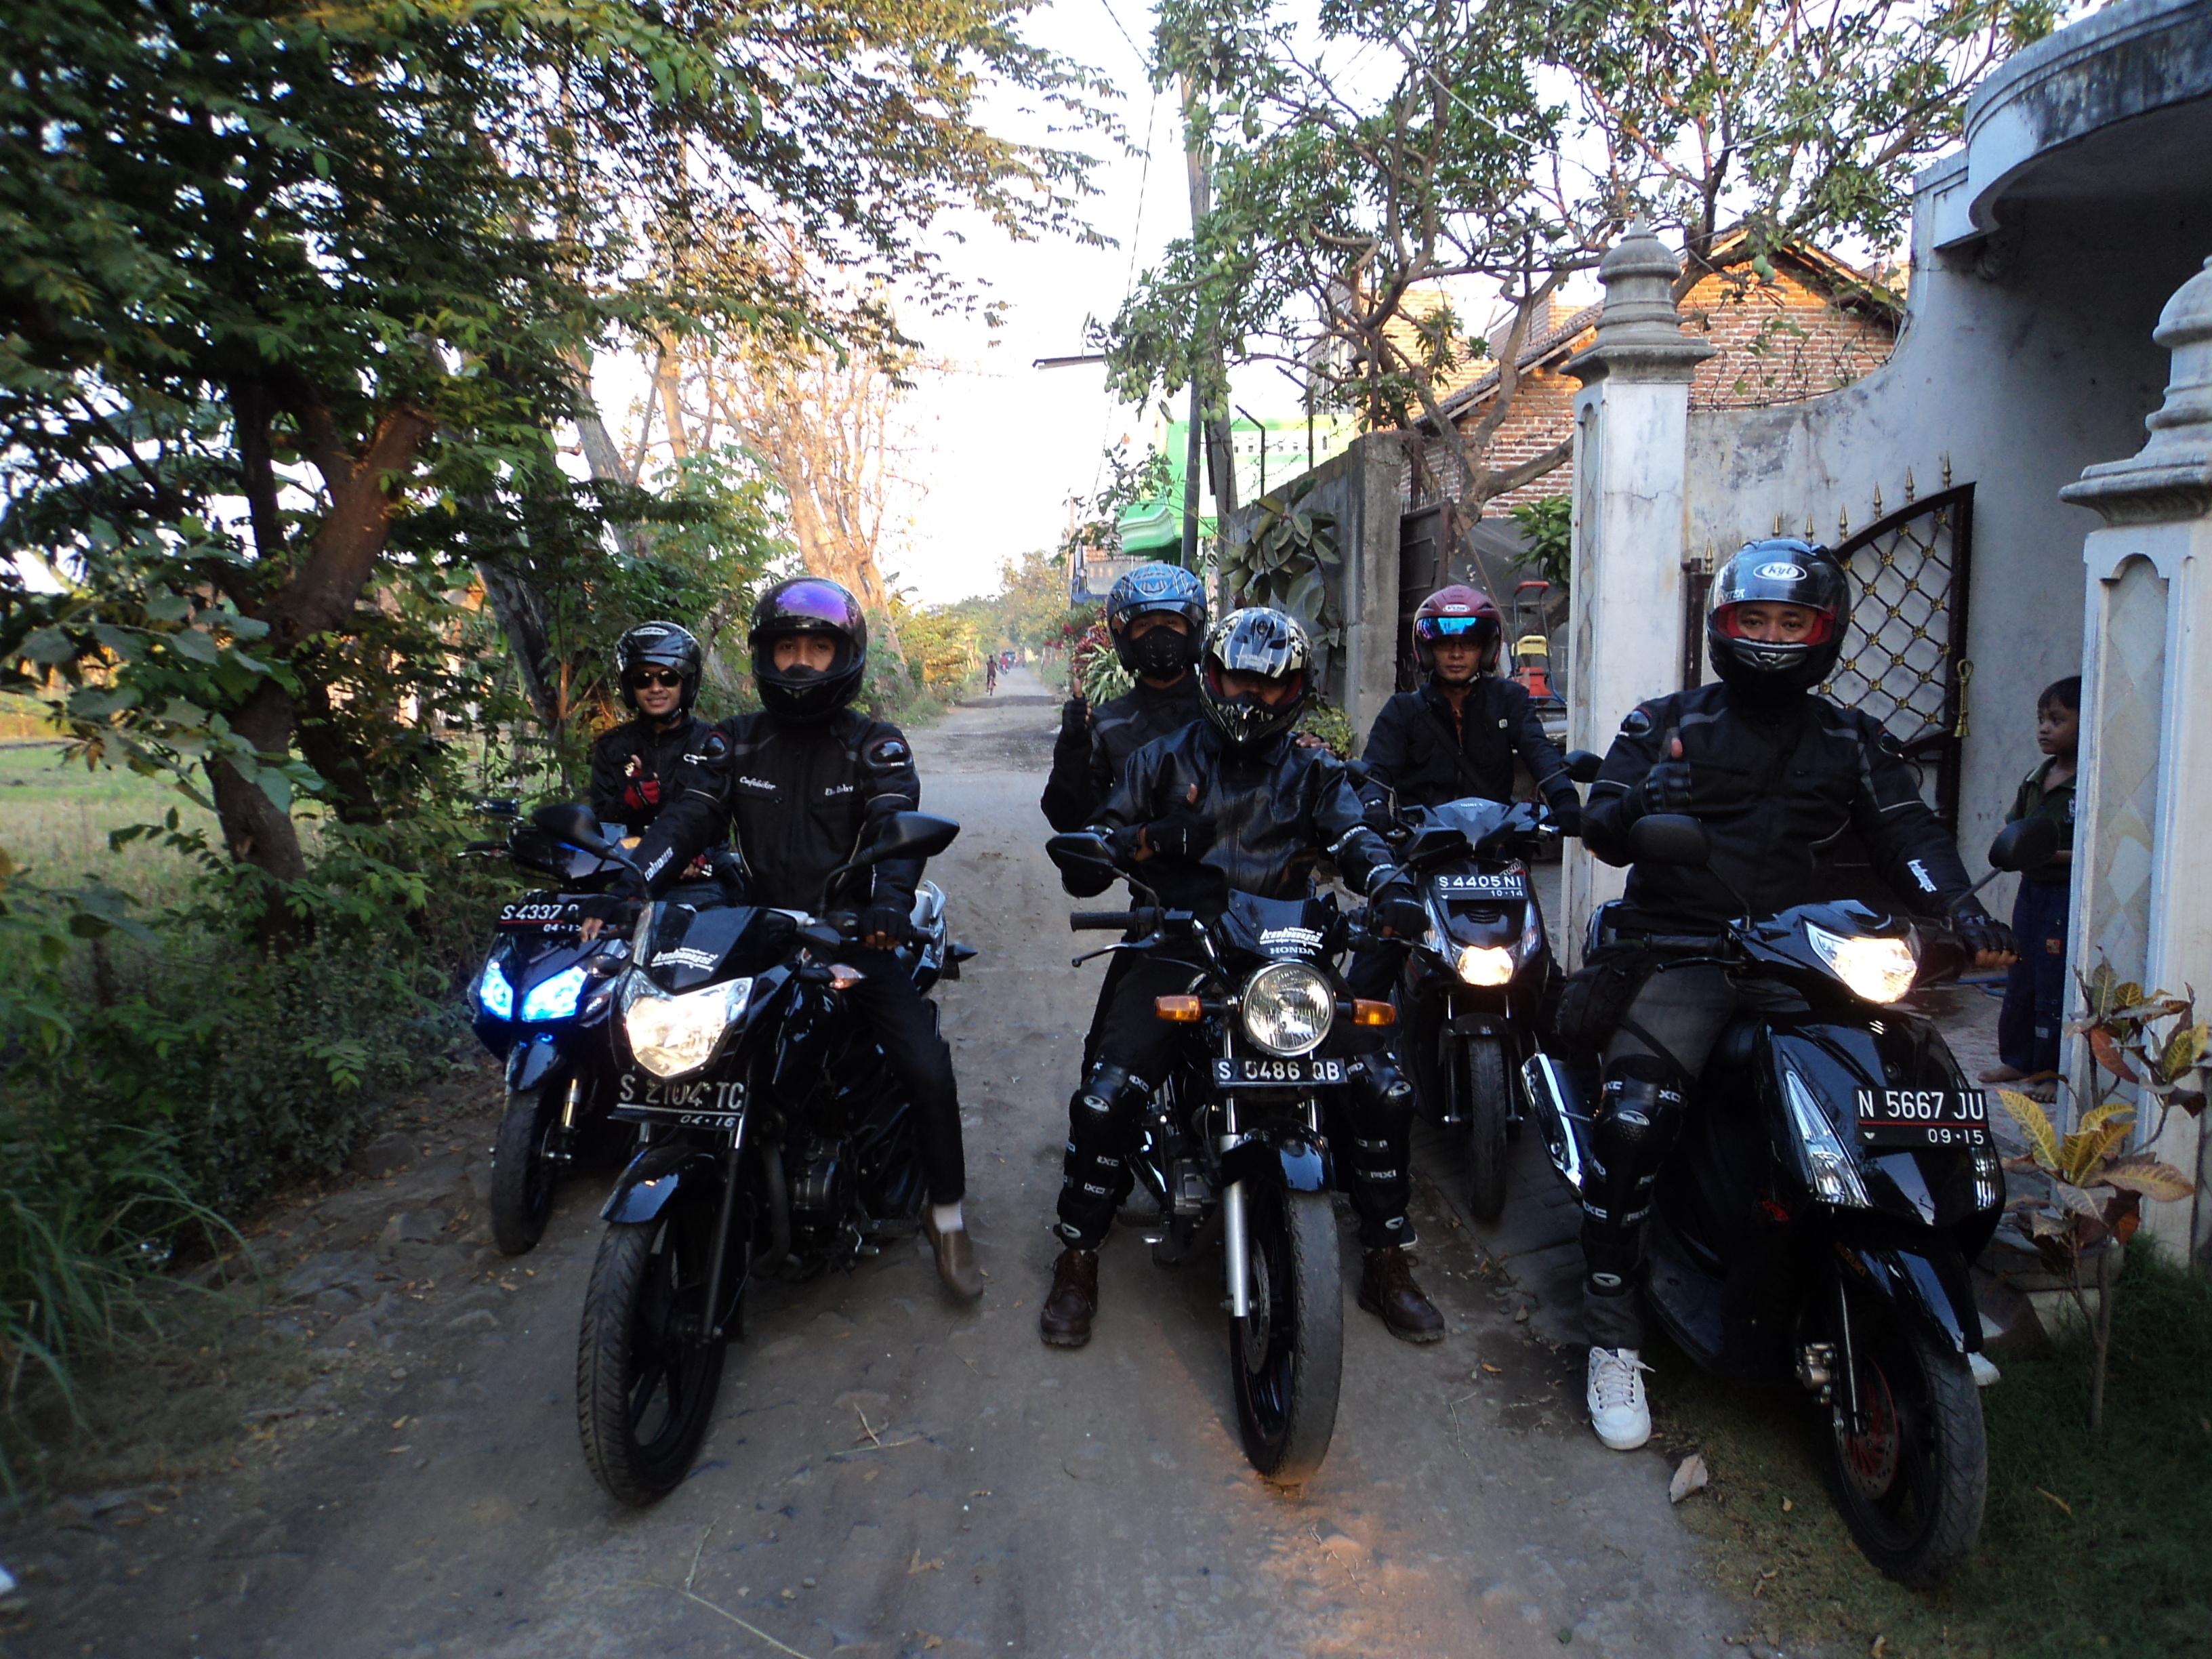 Safety Gear Yang Aneh Dimata Awam Biker Tanah Air RiderTua